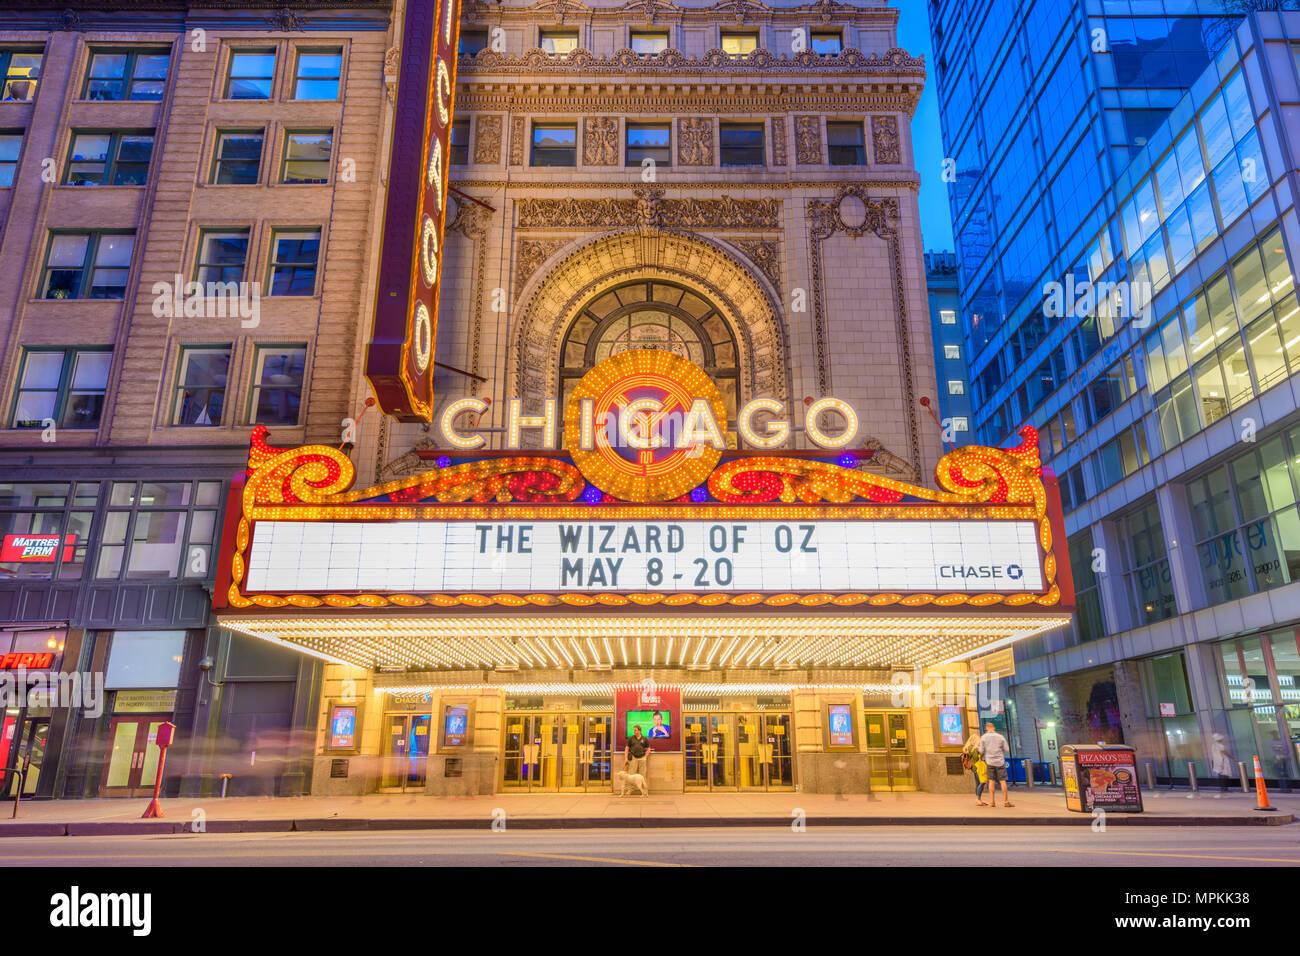 CHICAGO, Illinois - 10. MAI 2018: Das Wahrzeichen von Chicago Theater an der State Street in der Dämmerung. Die historische Theater stammt aus dem Jahre 1921. Stockbild